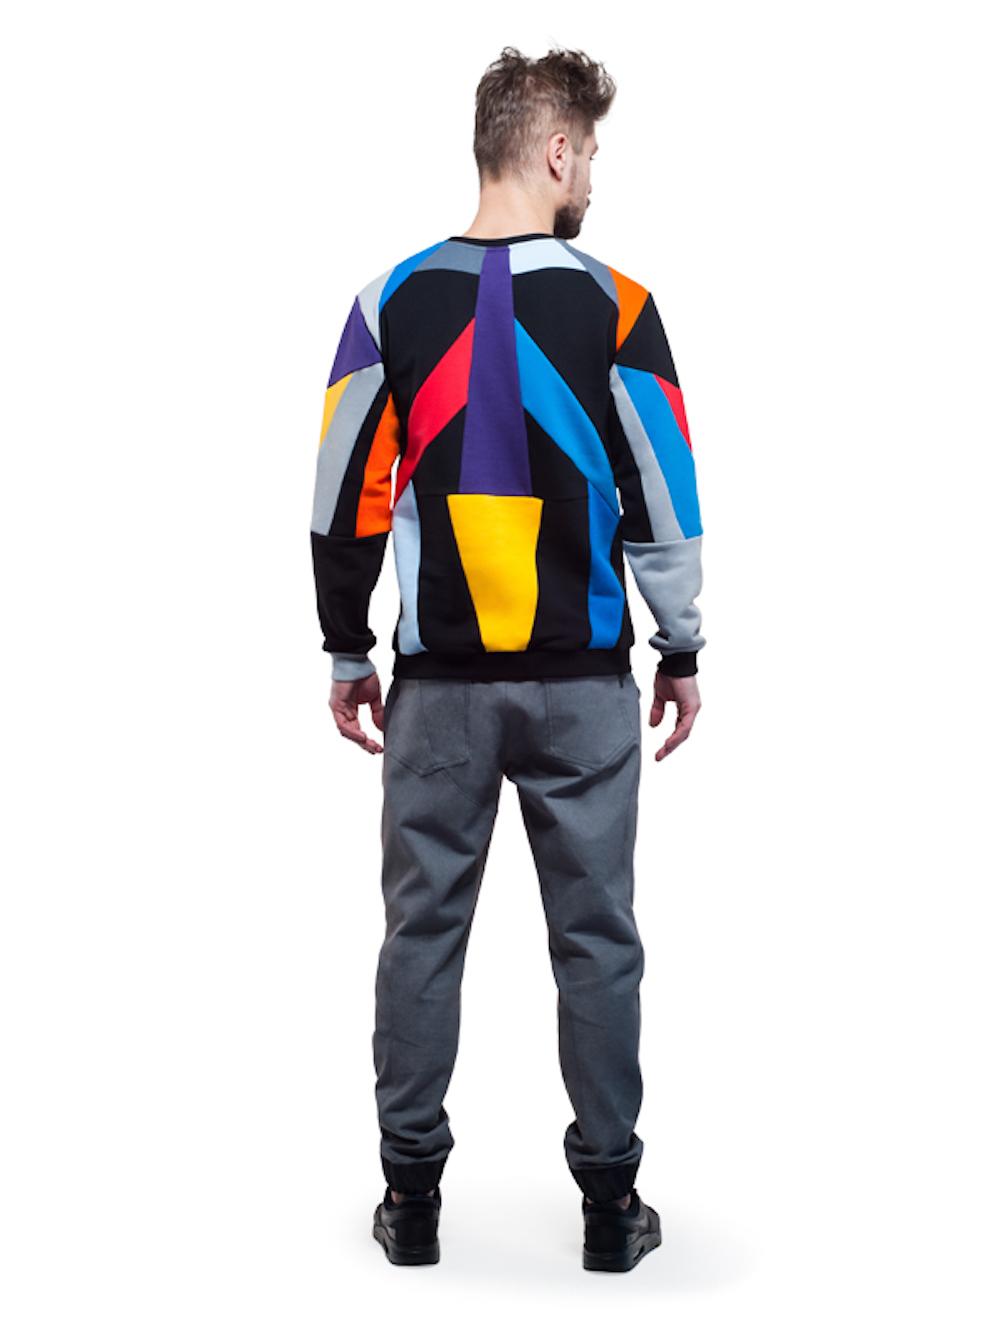 Kaleidoscope Sweatshirt - Okuaku